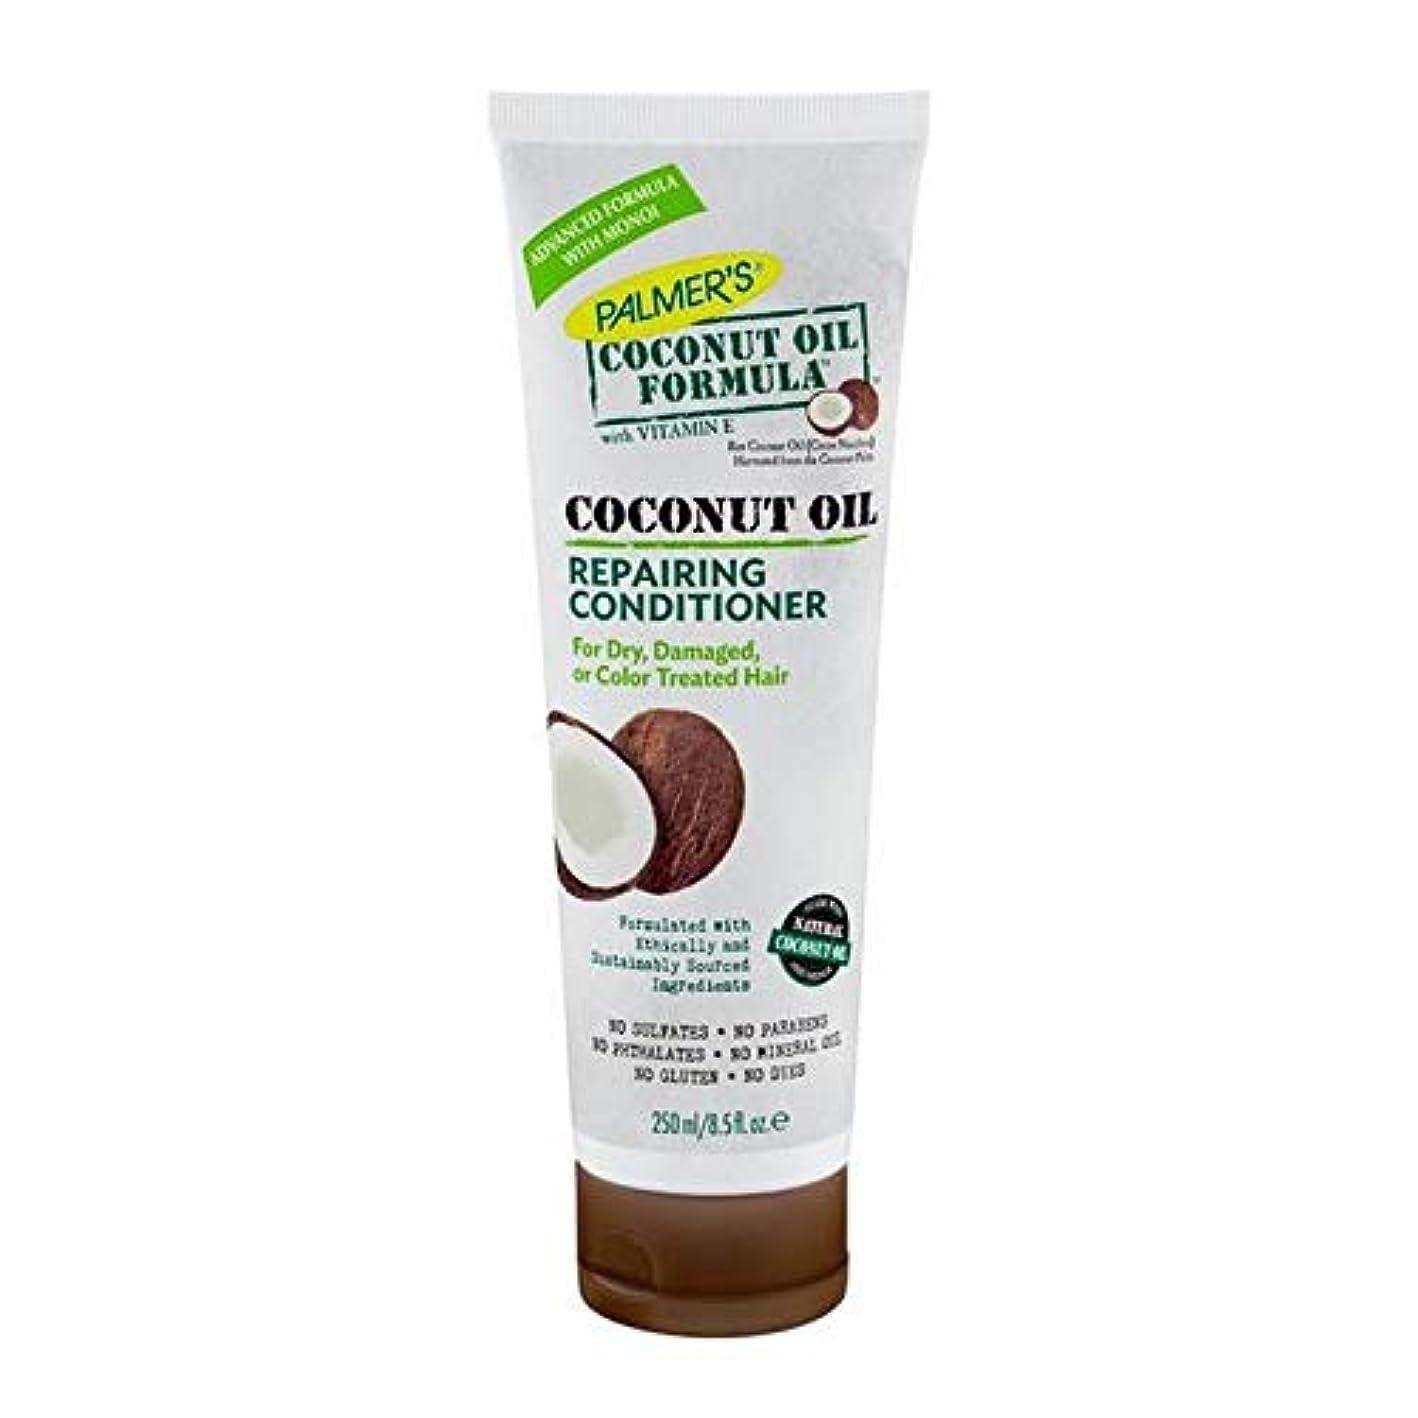 減る植物学フック[Palmer's ] パーマーのココナッツオイル式インスタント修復コンディショナー250Ml - Palmer's Coconut Oil Formula Instant Repairing Conditioner 250ml...